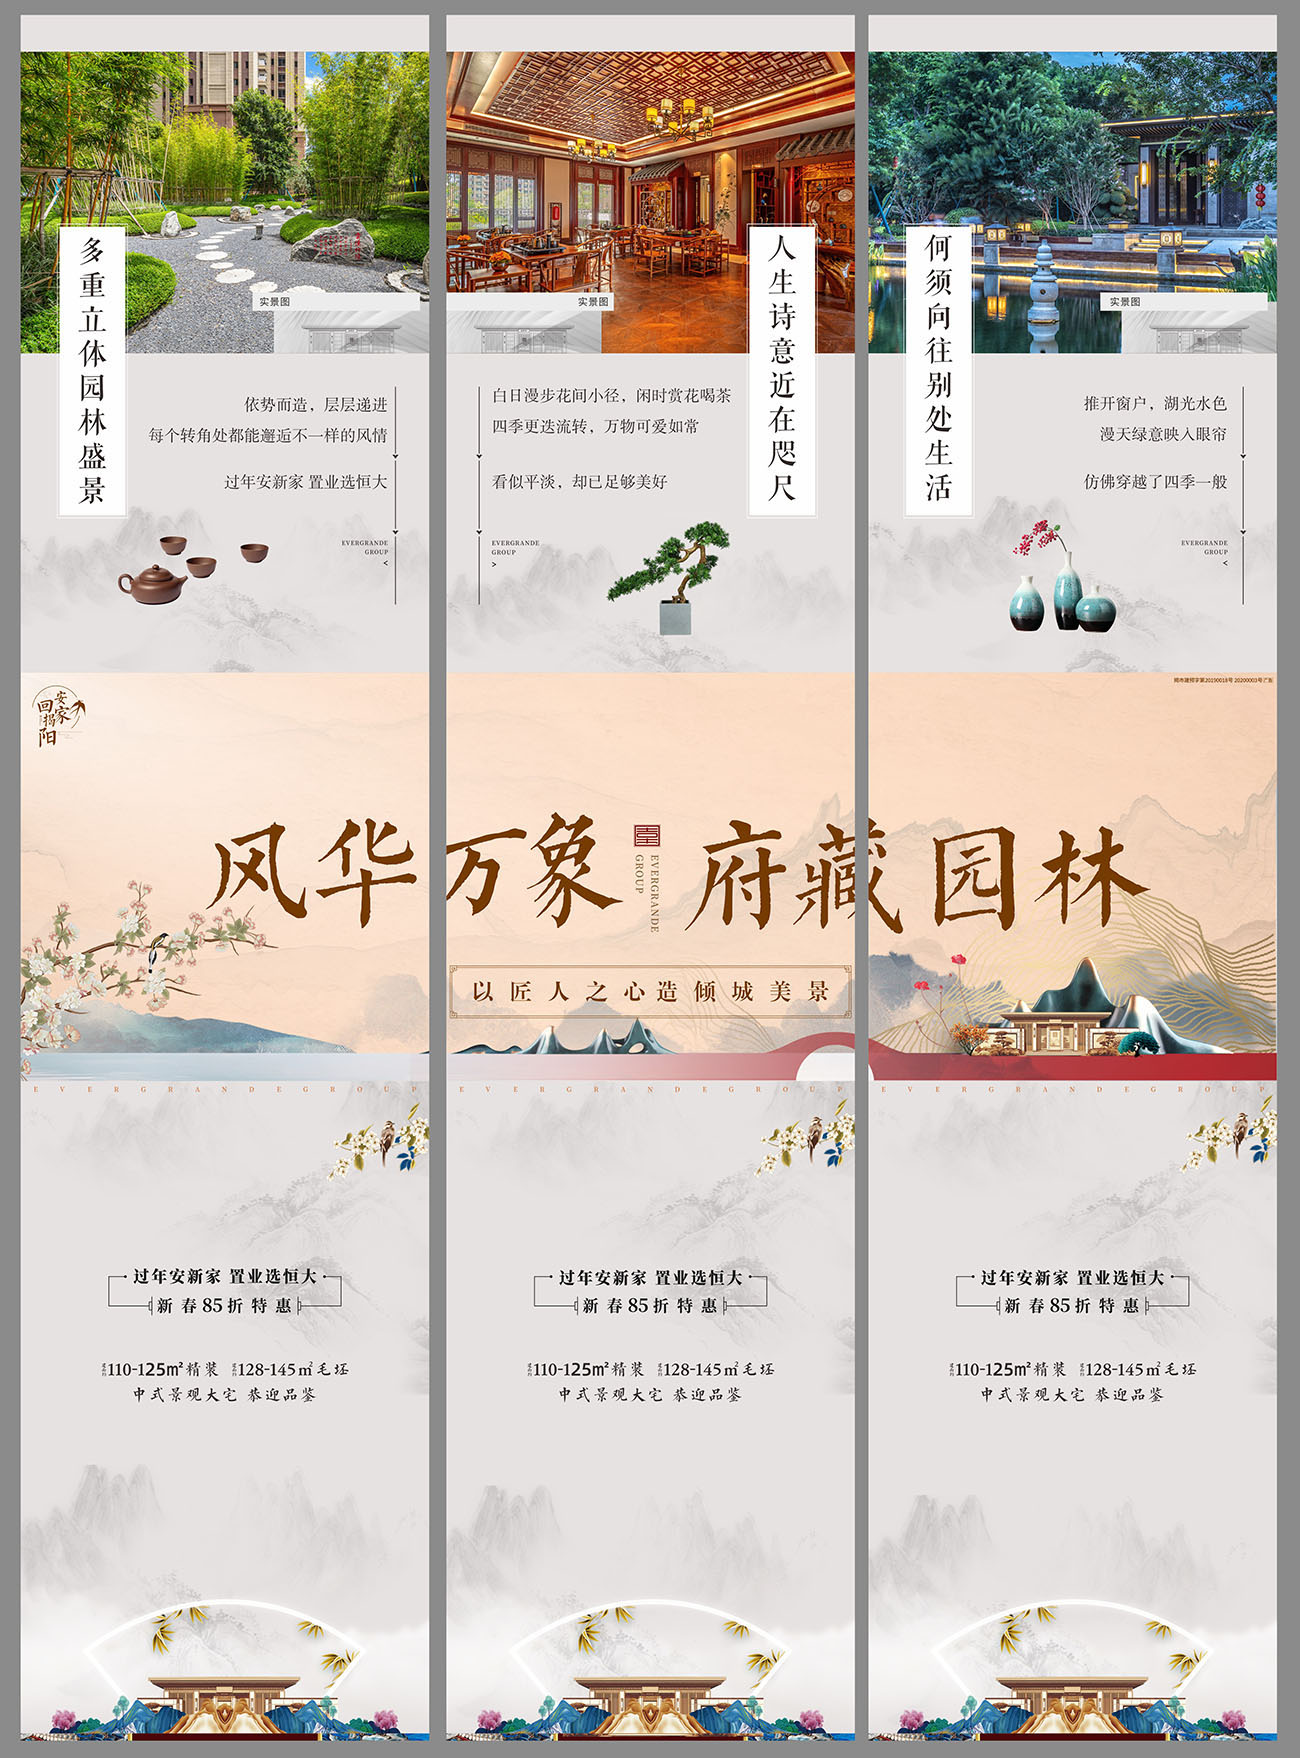 中式地产古风住宅价值点三宫格海报CDR+PSD源文件插图